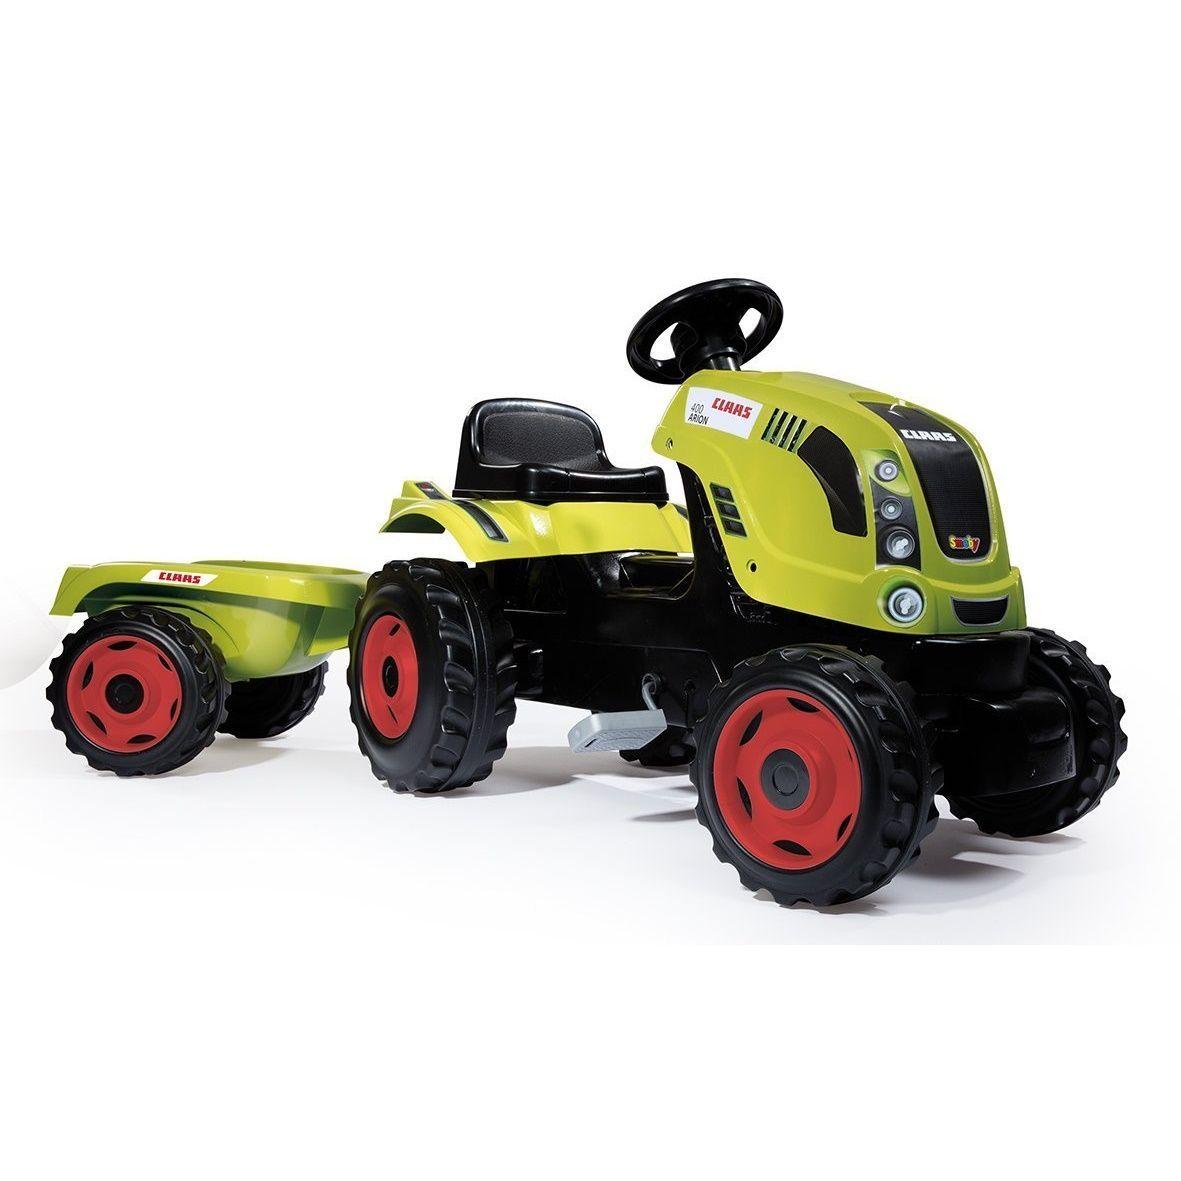 Педальный трактор Claas с прицепом, размер XL